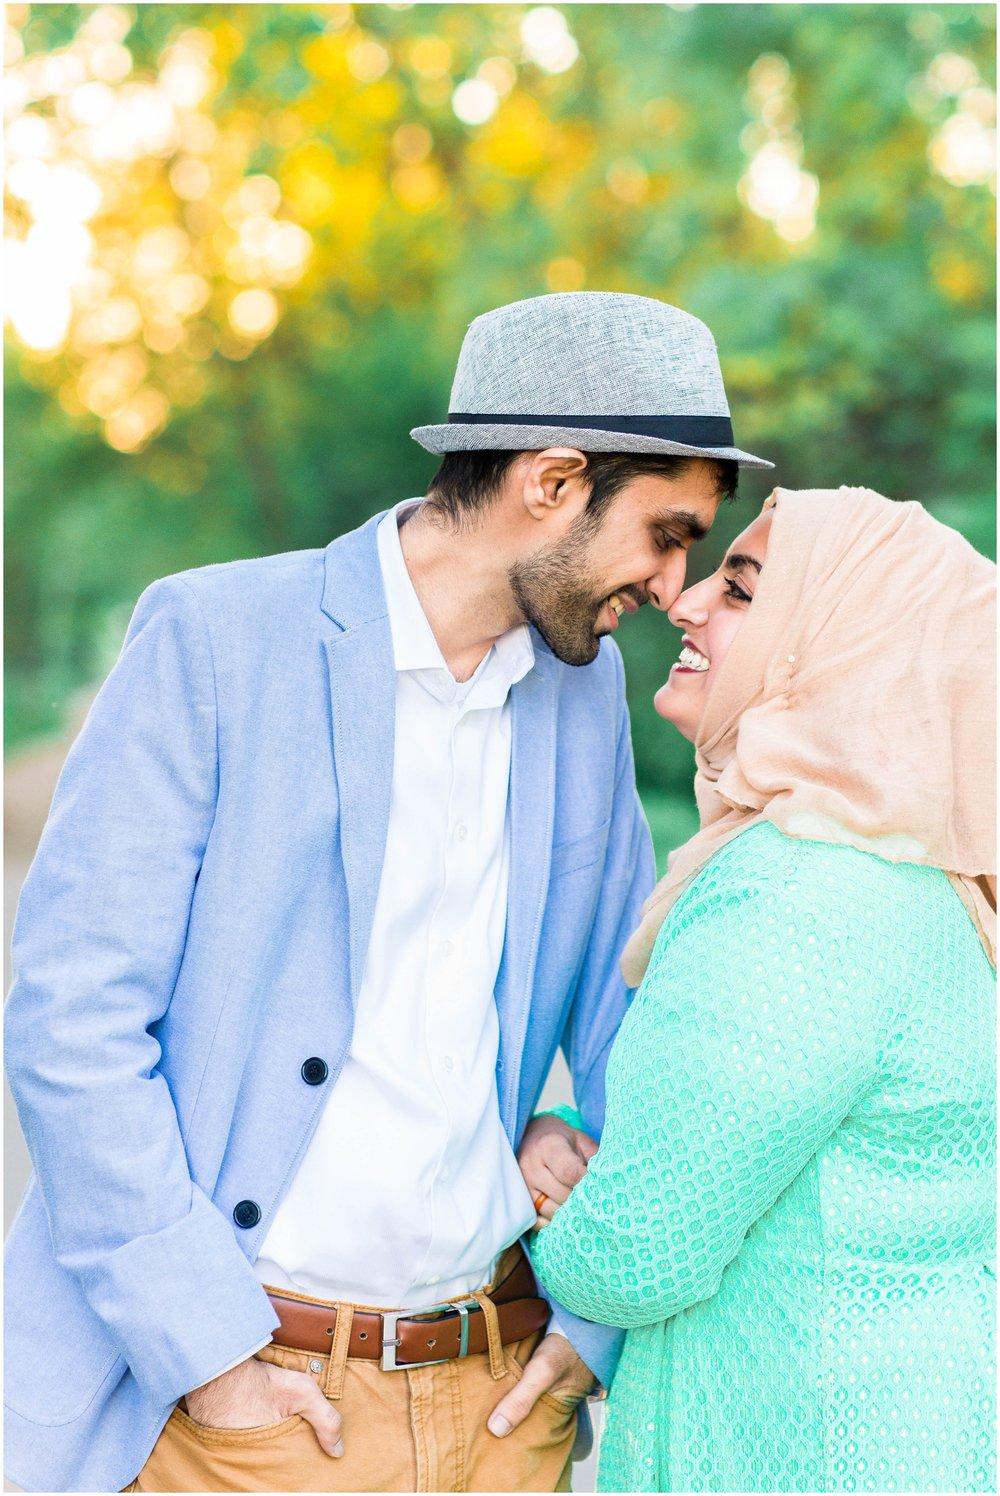 2017-Engagements-Toronto-Mississauga-GTA-Pakistani-Indian-Wedding-Photography-Photographer_0031.jpg